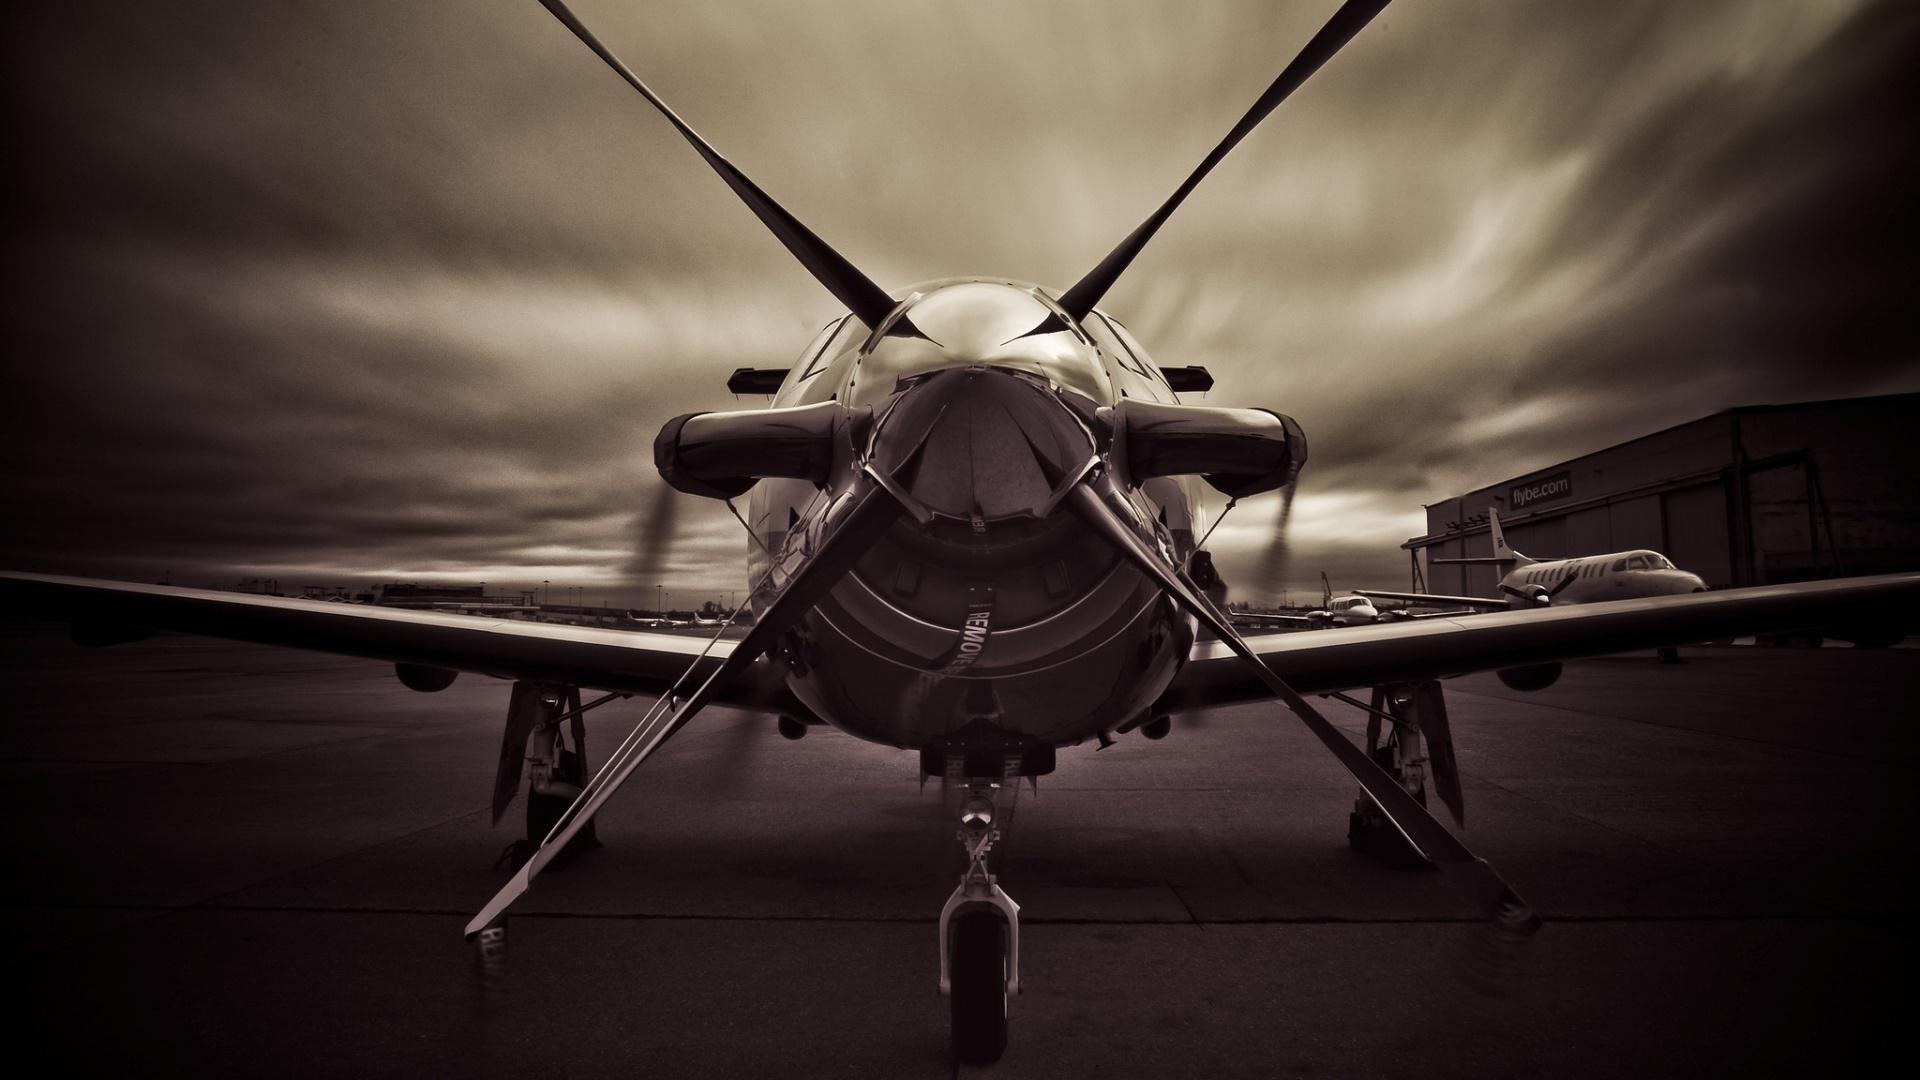 Pilatus pc 12 turboprop